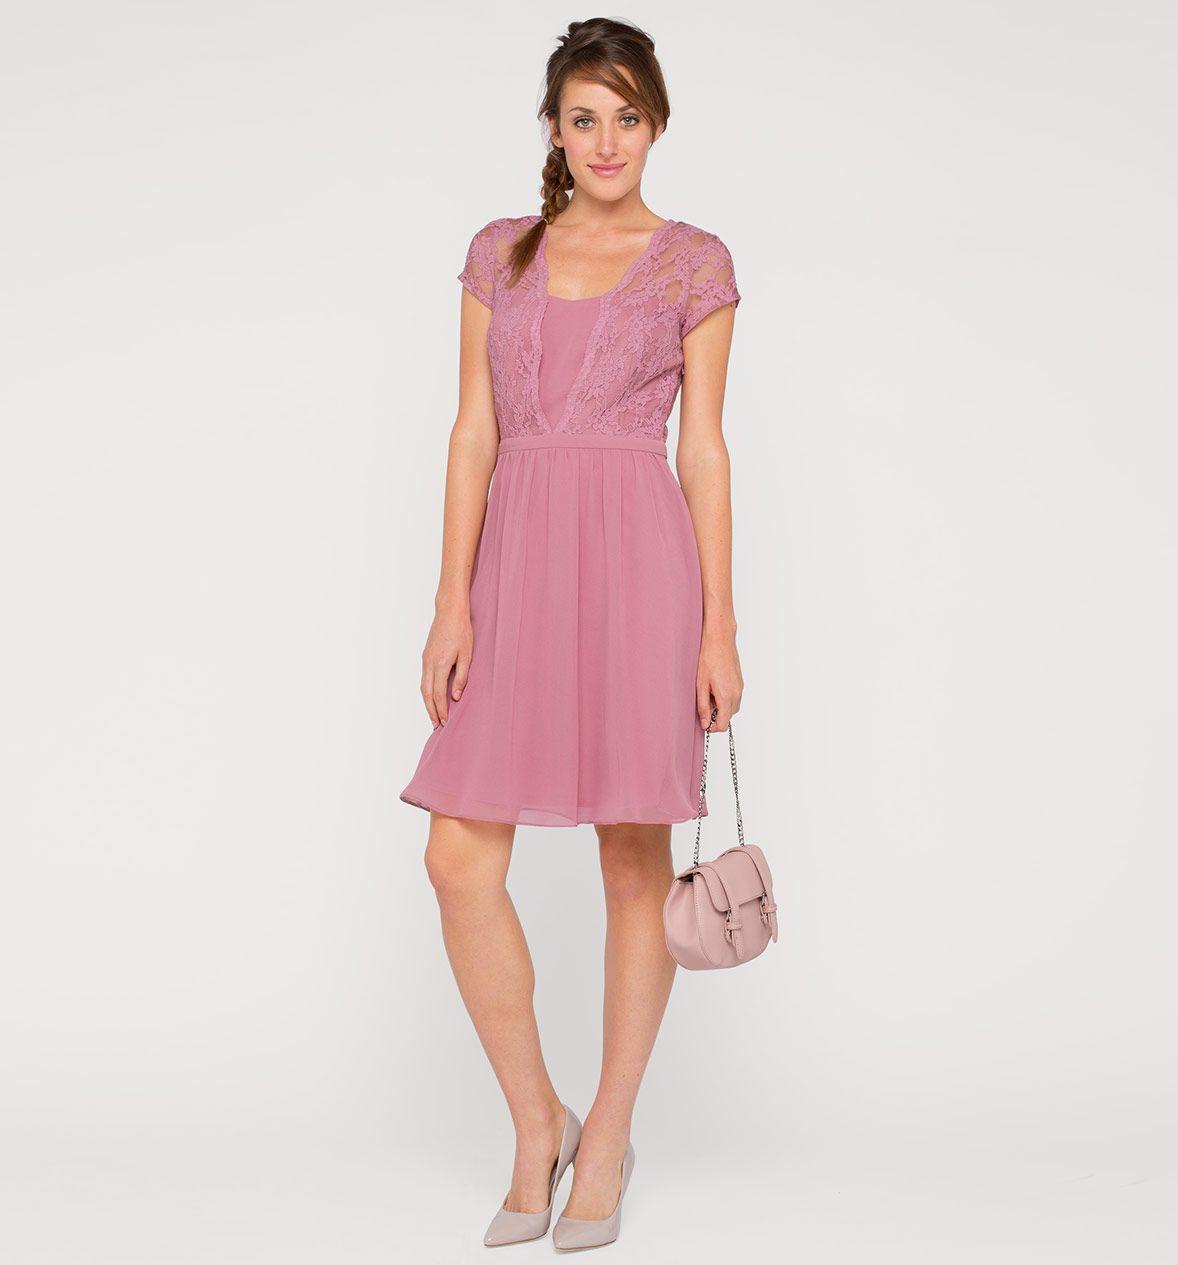 Vestido de chiffon-C&A | Vestidos | Pinterest | Vestidos de mujer ...